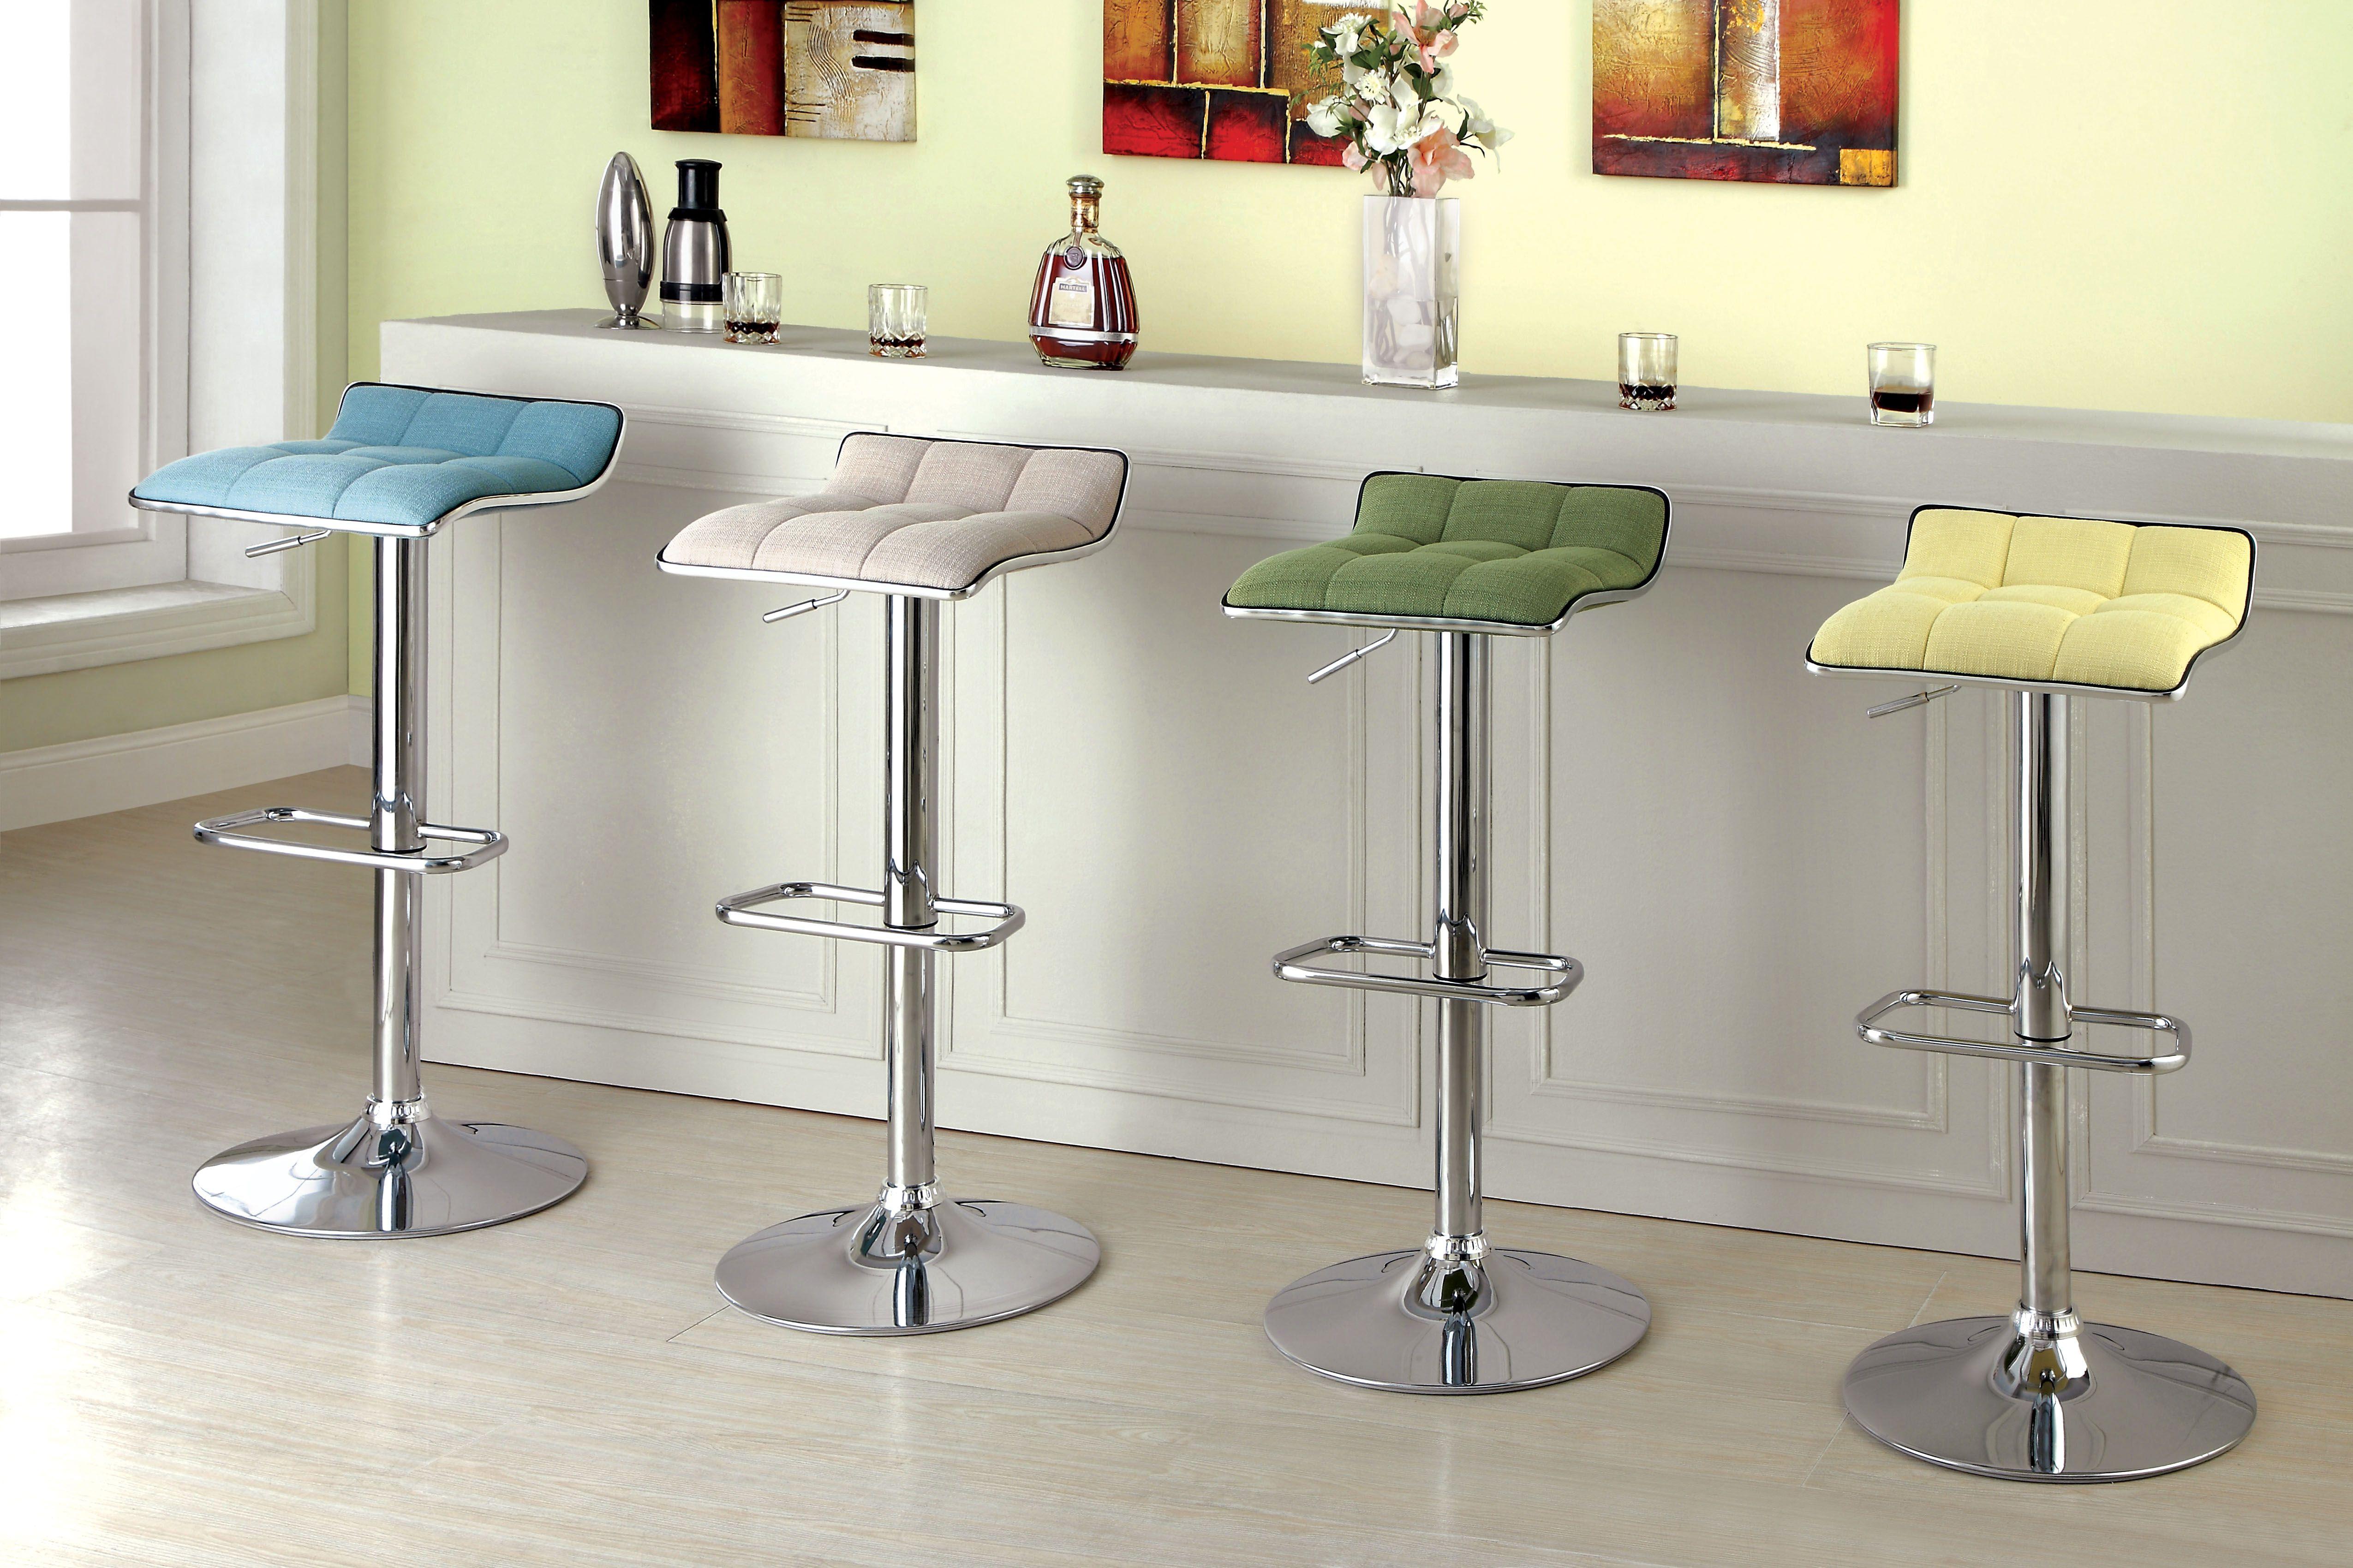 Belleze Set Of 2 Bar Stool Modern Adjustable Counter Height